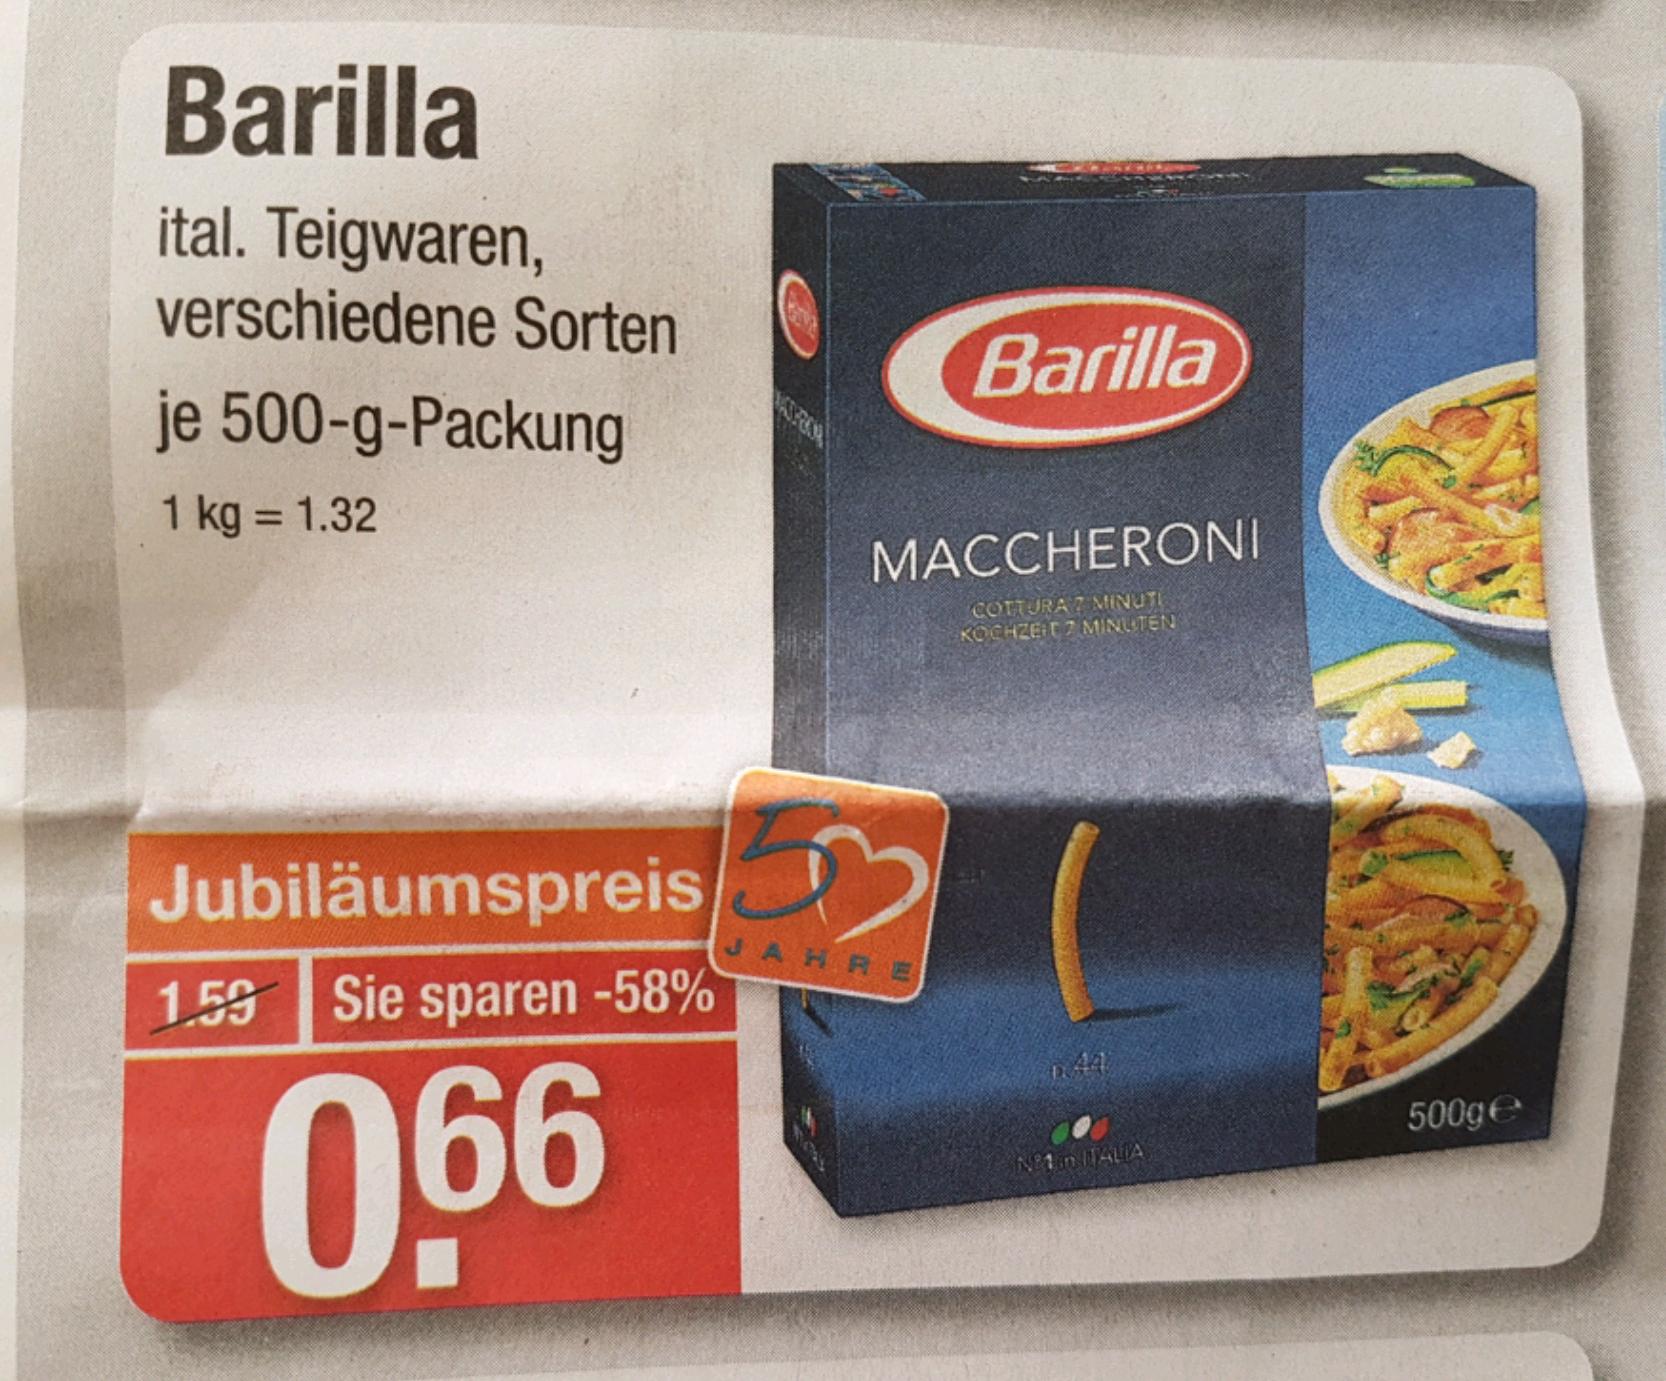 [V-Markt] Barilla Teigwaren 500g für 0,66€